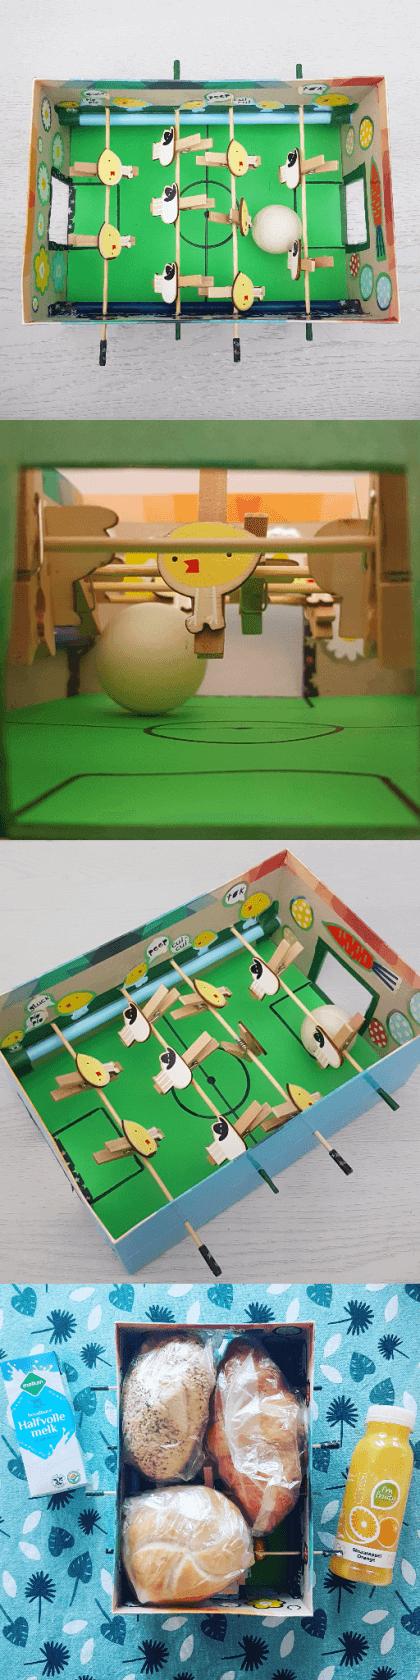 Paasdoos knutselen: de leukste ideeën voor het paasontbijt op school - voetbaltafel-schoenendoos